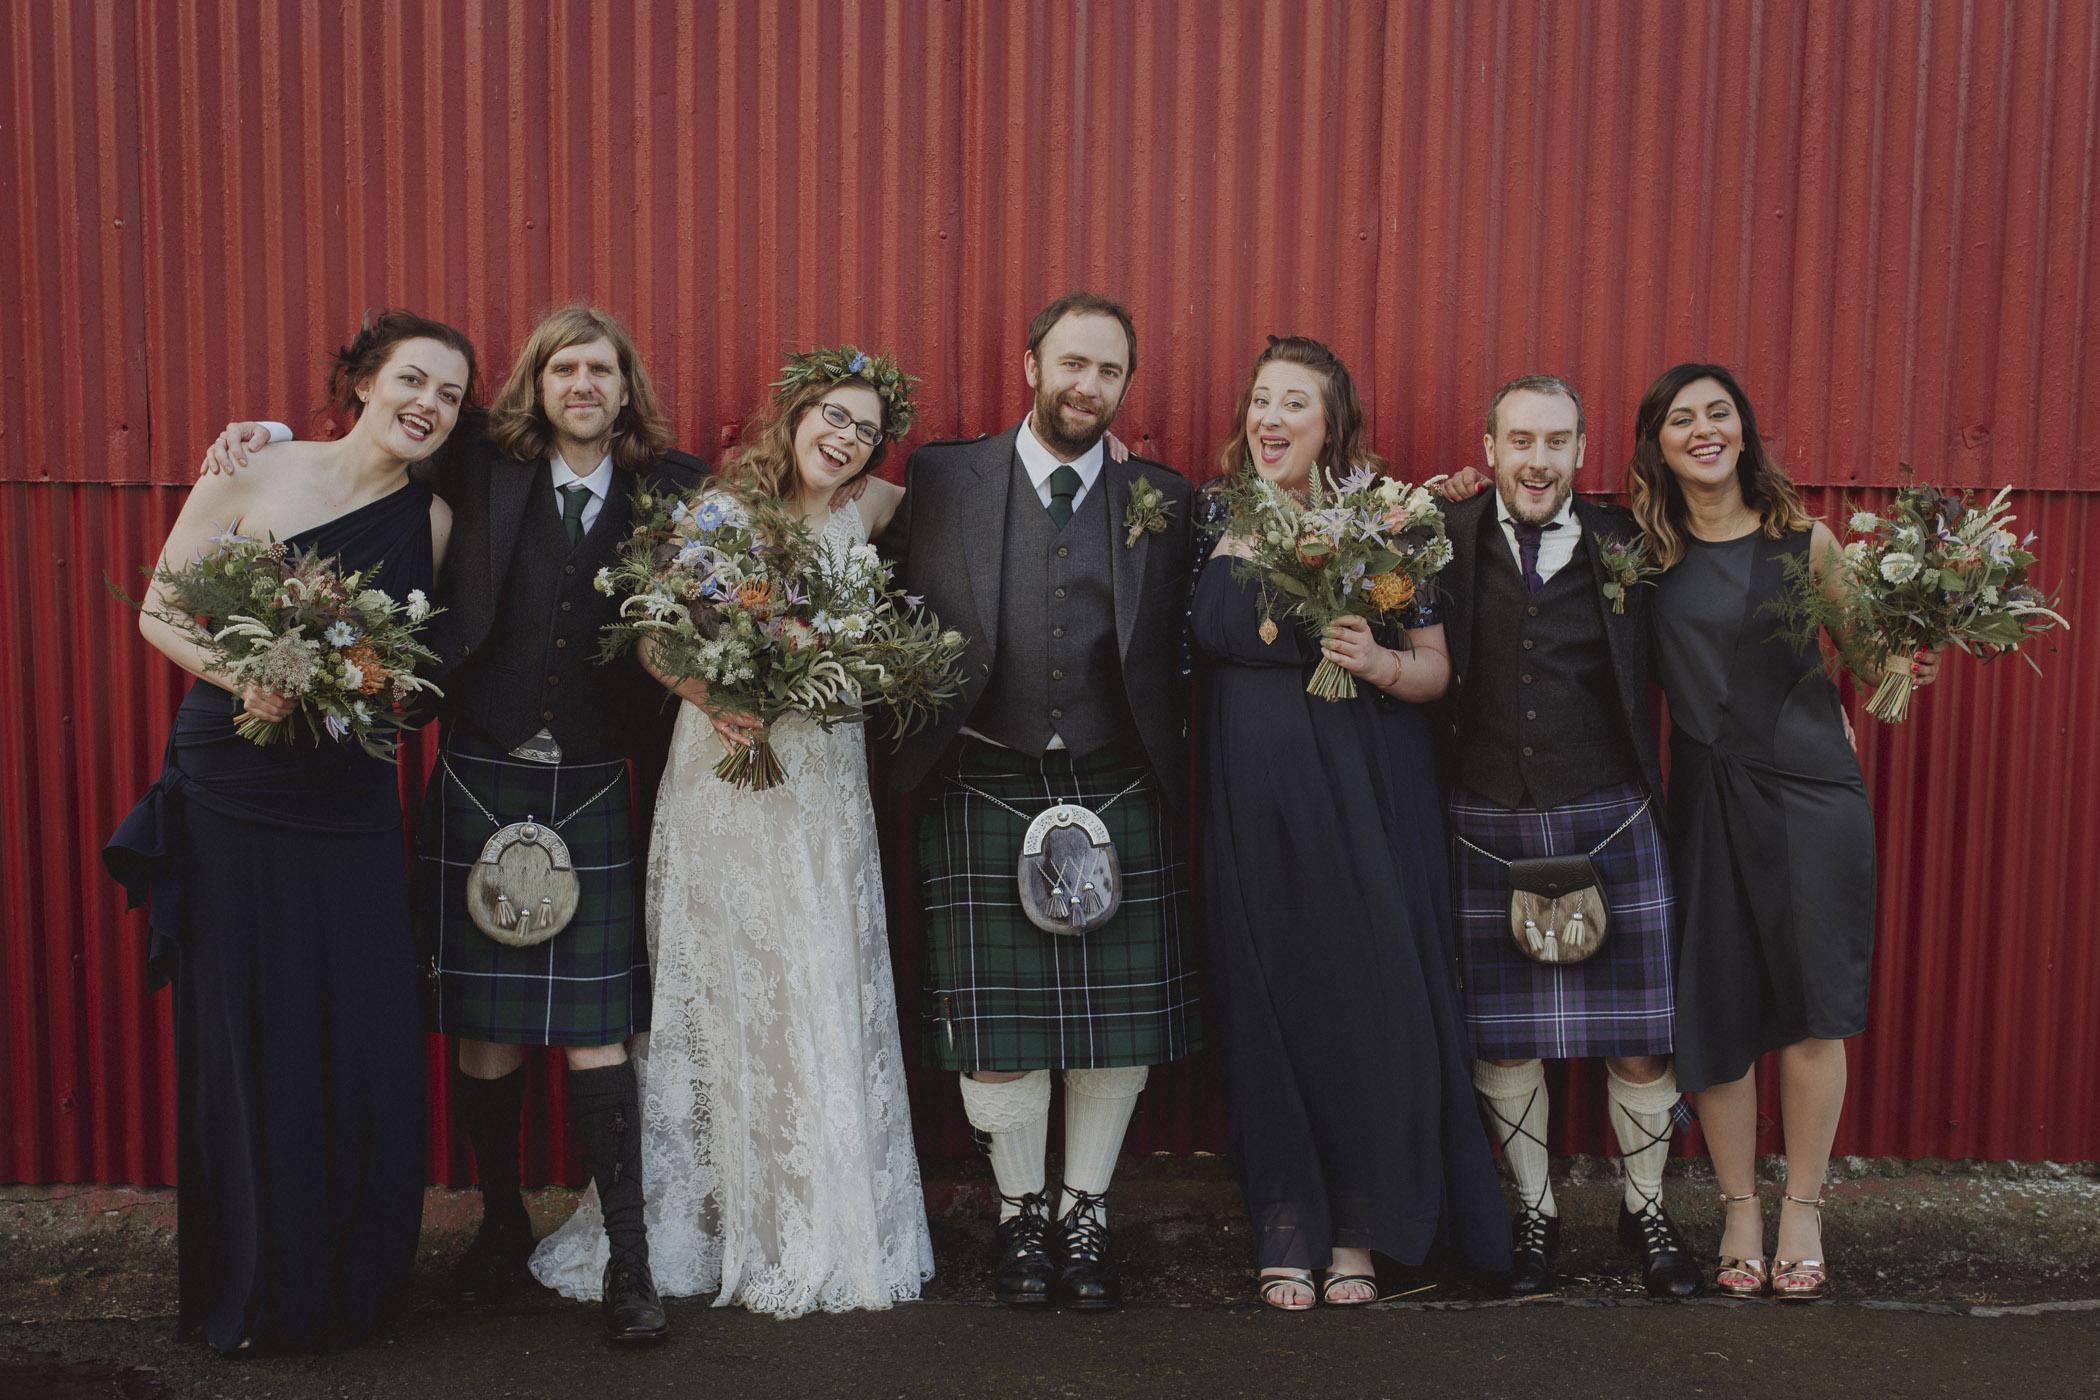 Dalduff Farm Wedding41.jpg